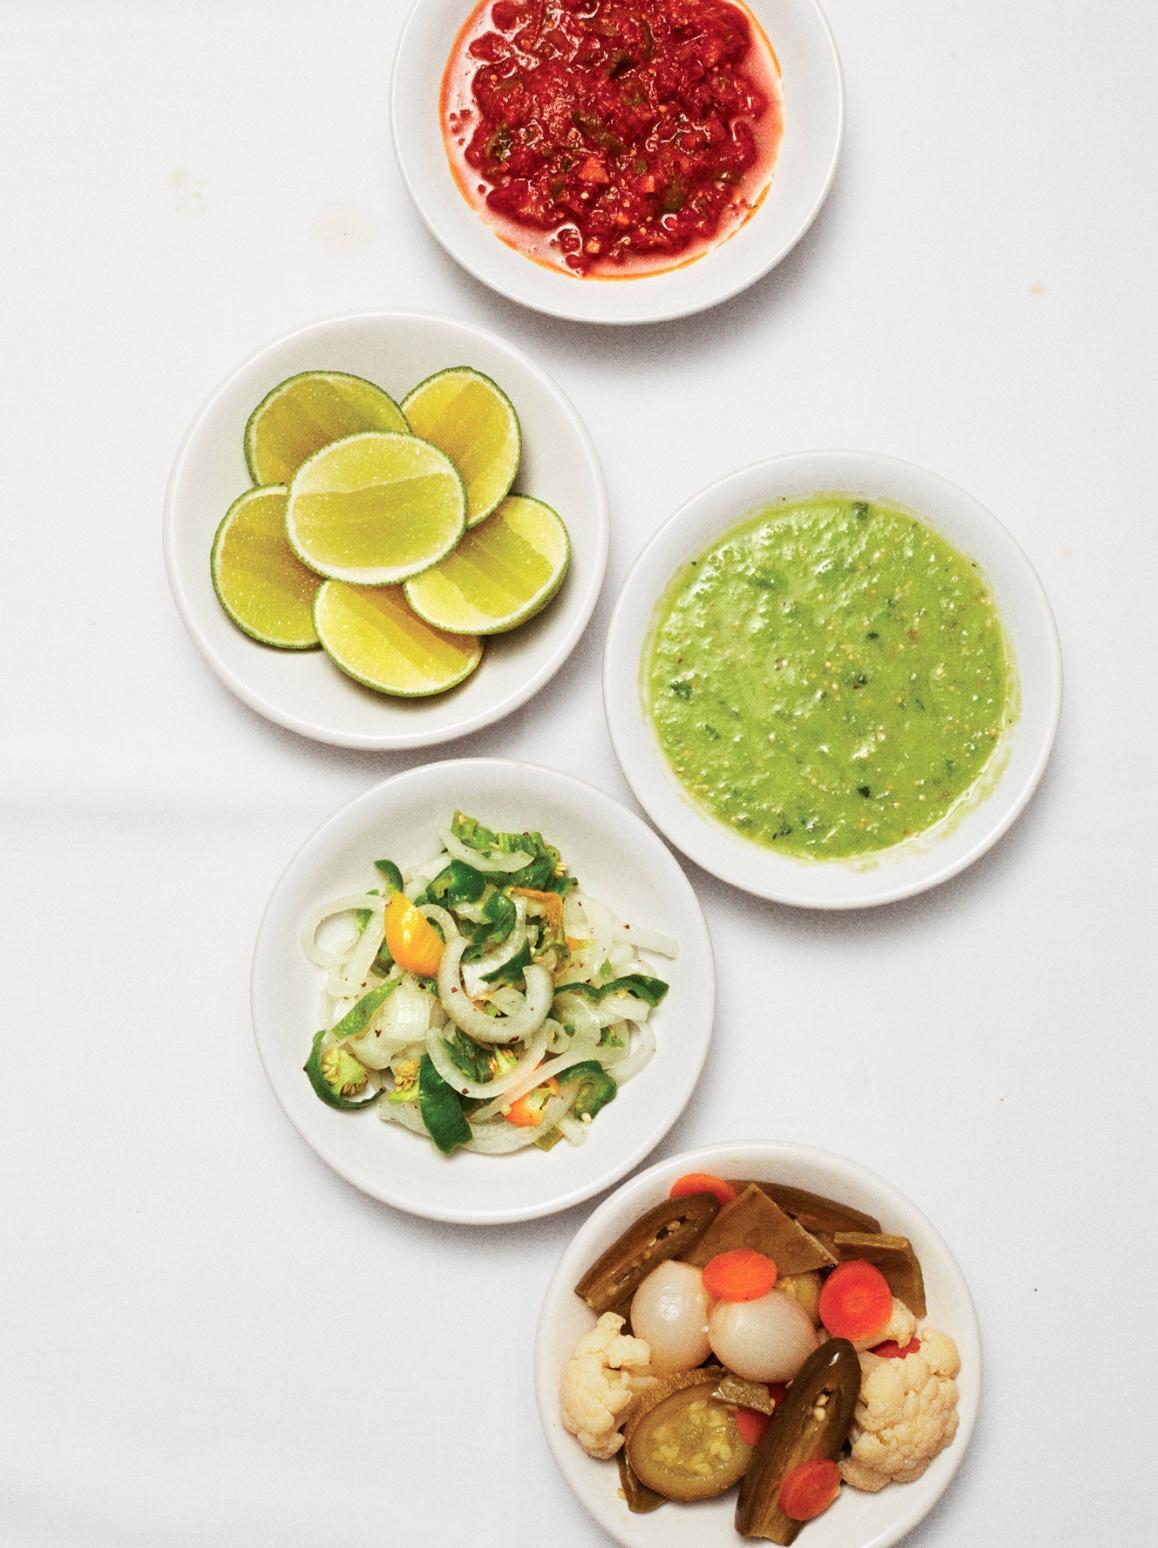 Contramar+salsas+y+encurtidos-1.jpg